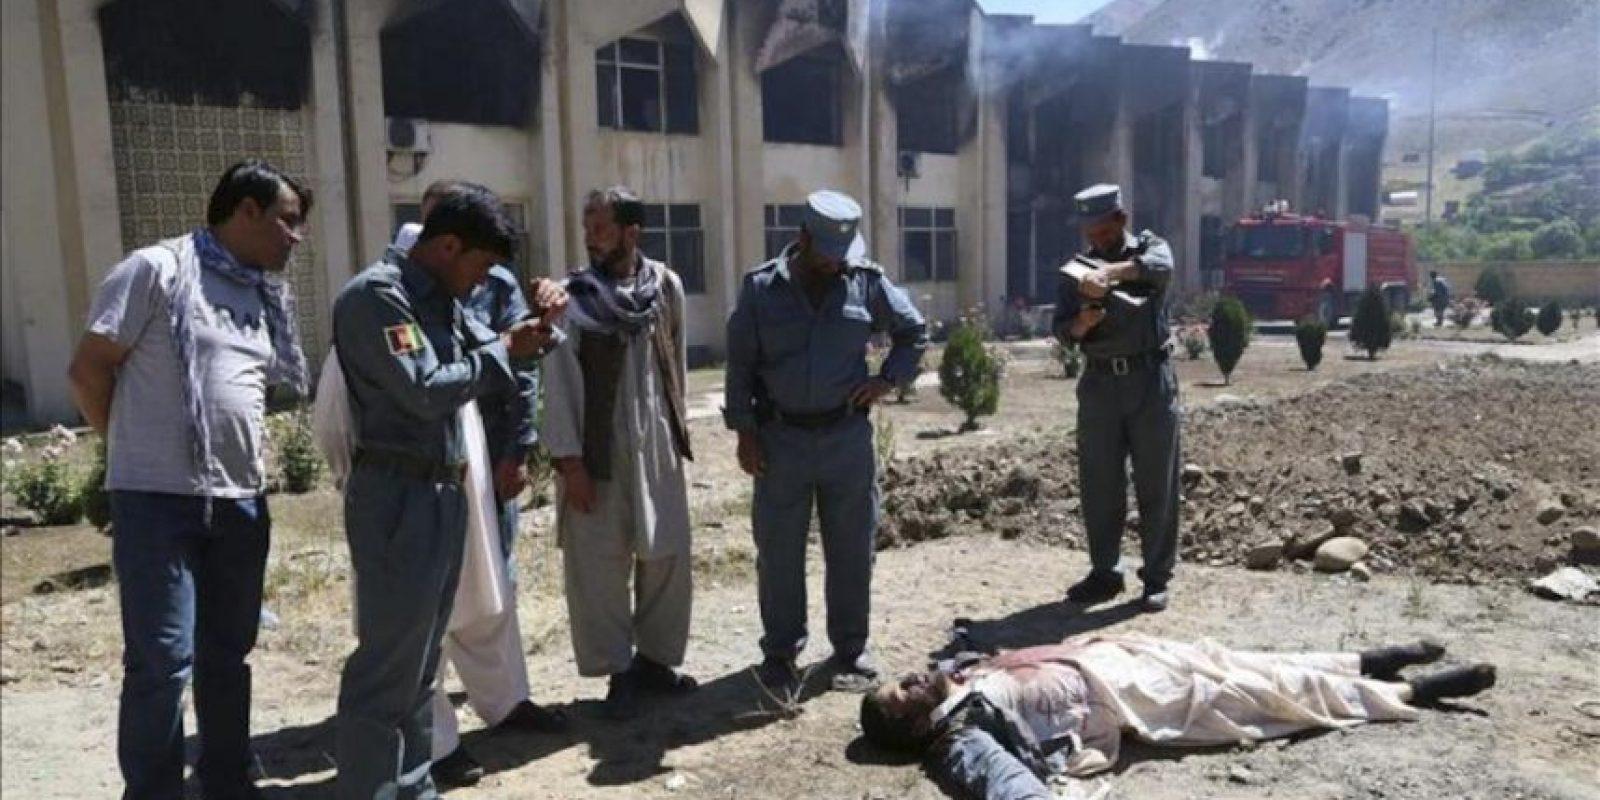 Varios policías afganos permanecen junto al cadáver de uno de los talibanes implicados en un ataque contra la residencia del gobernador de la provincia de Panjshir, en el norte de Afganistán. EFE